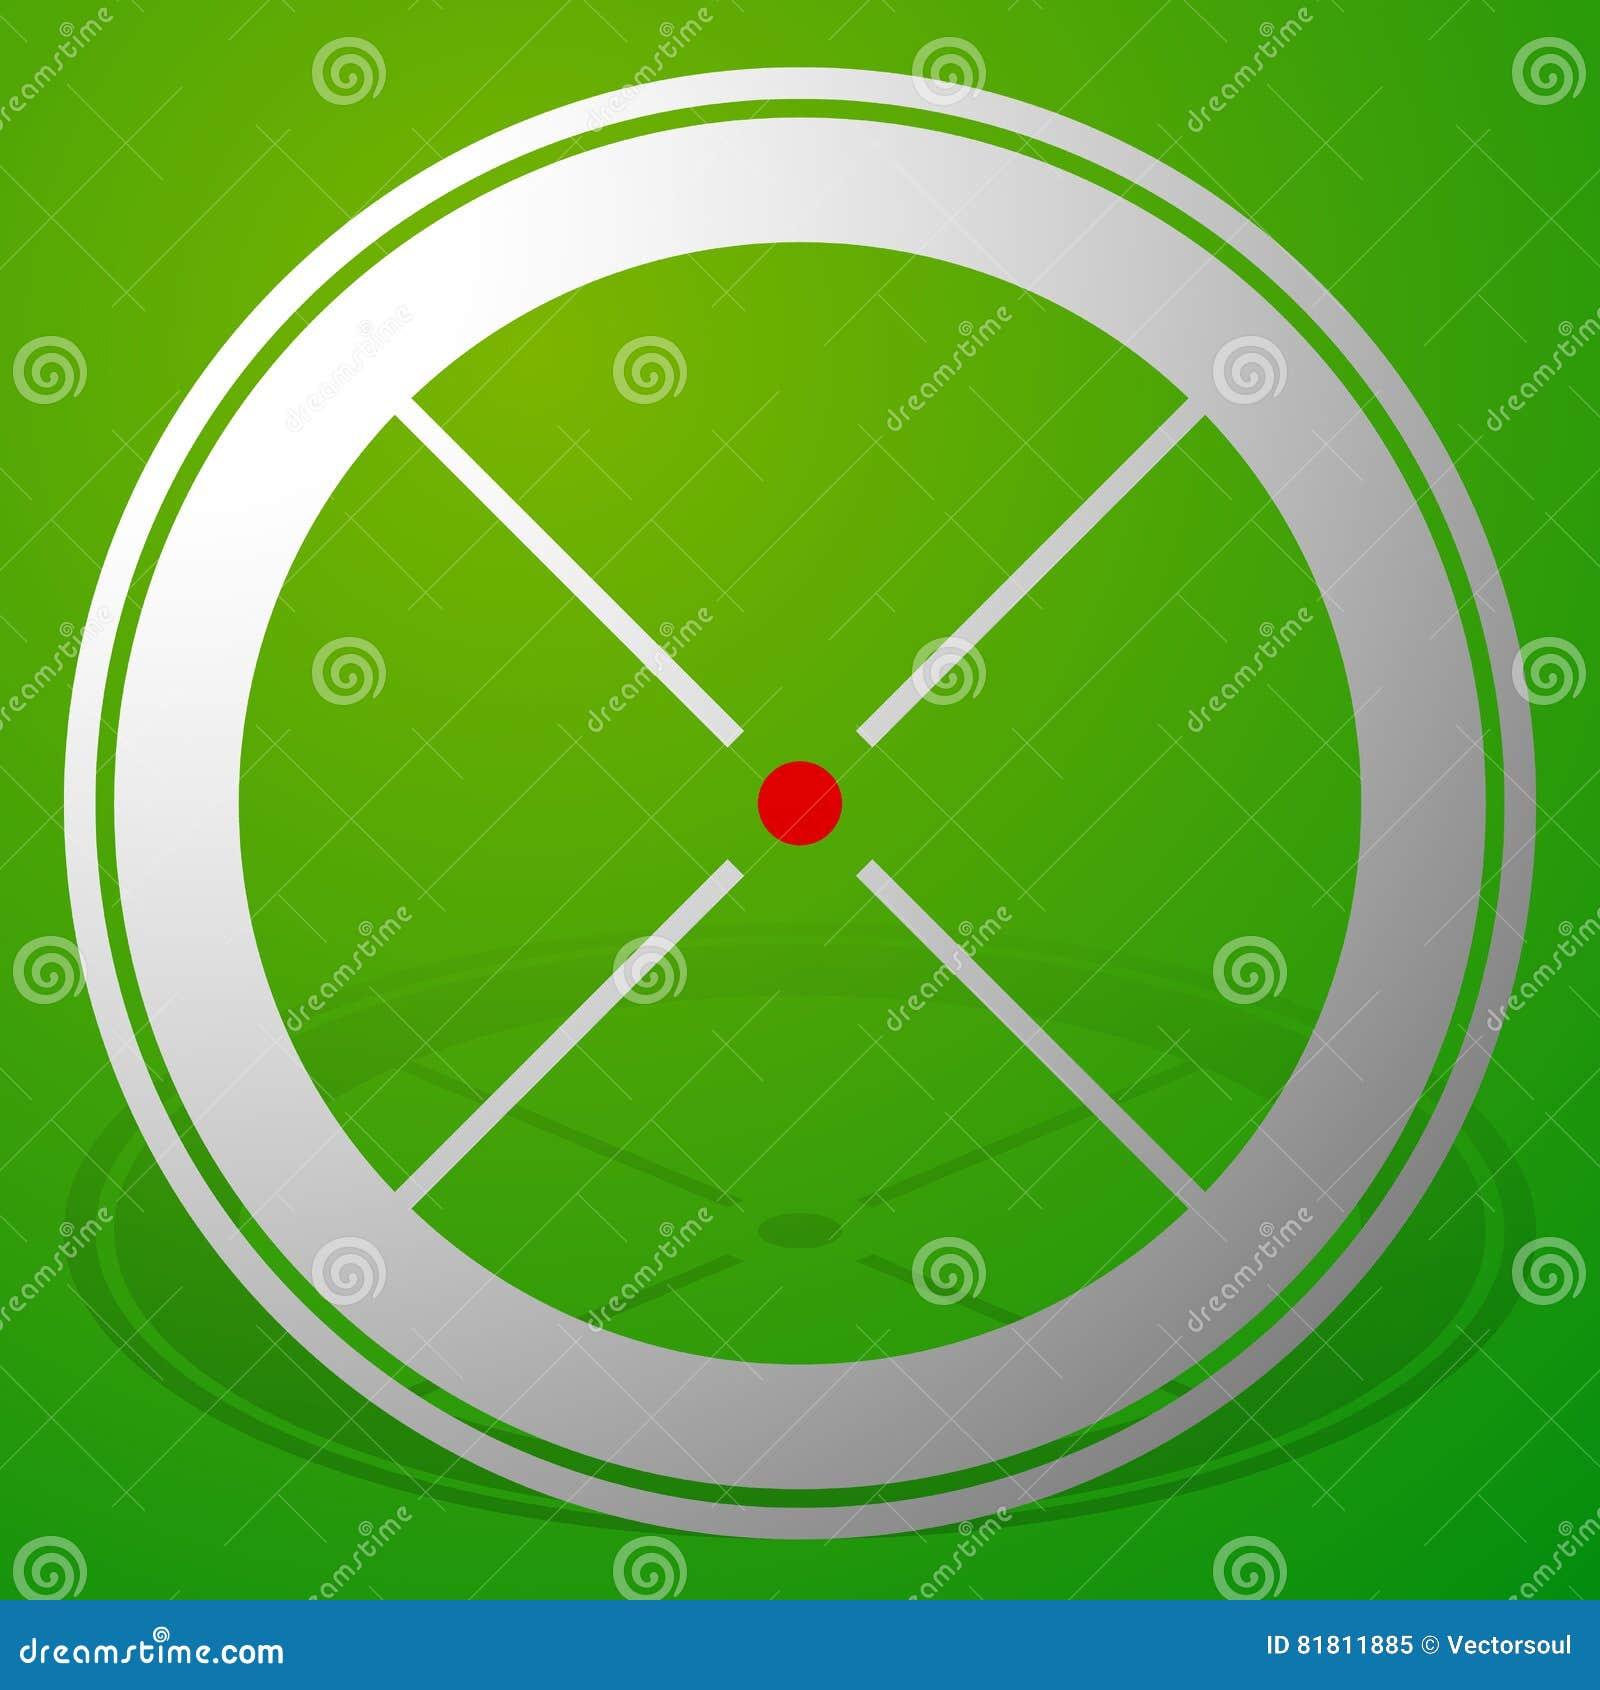 Прицельтесь метка, перекрестие, значок перекрещения с красной точкой